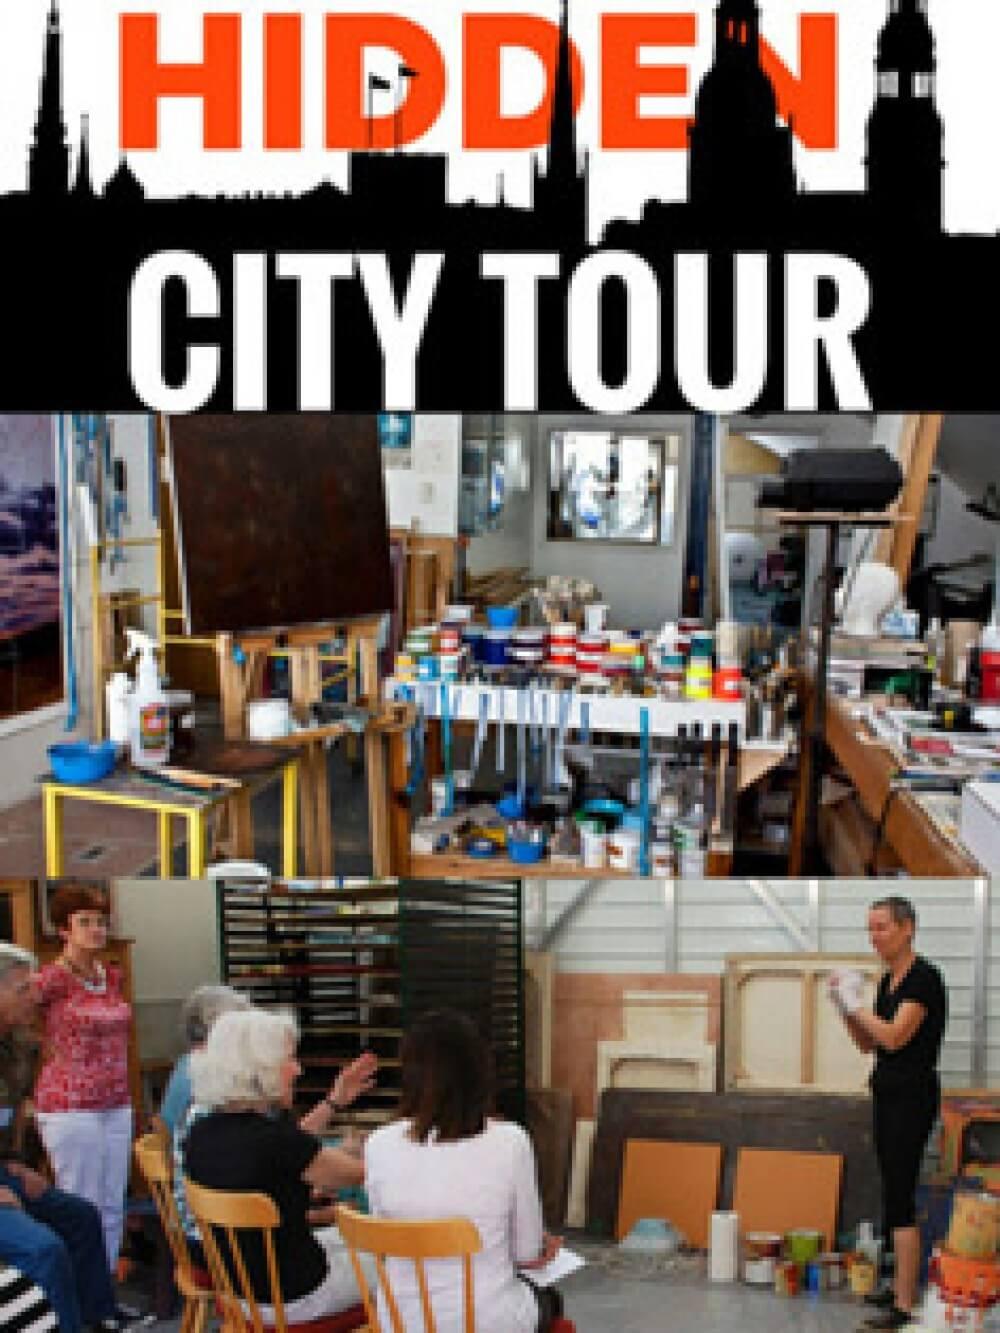 hidden_city_tour_vertical_web